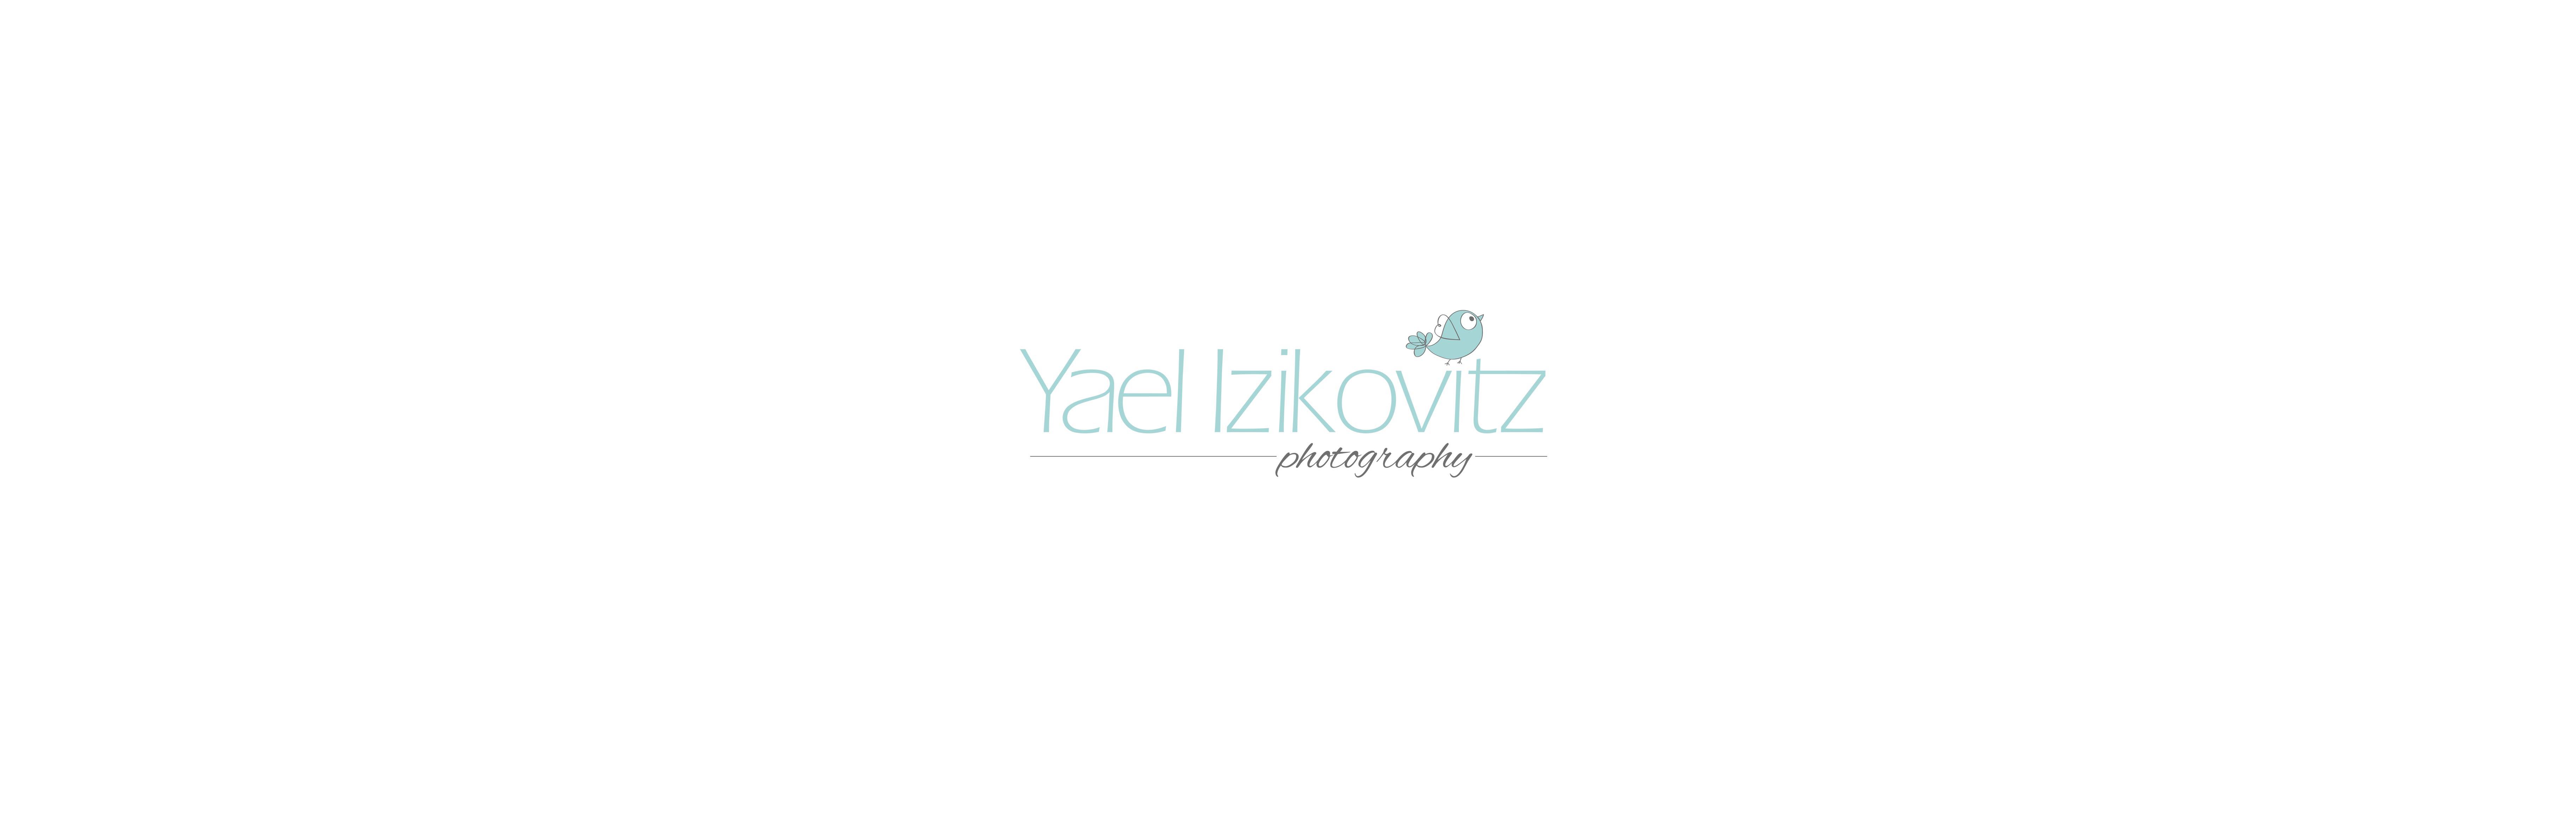 יעל איזיקוביץ - לוגו